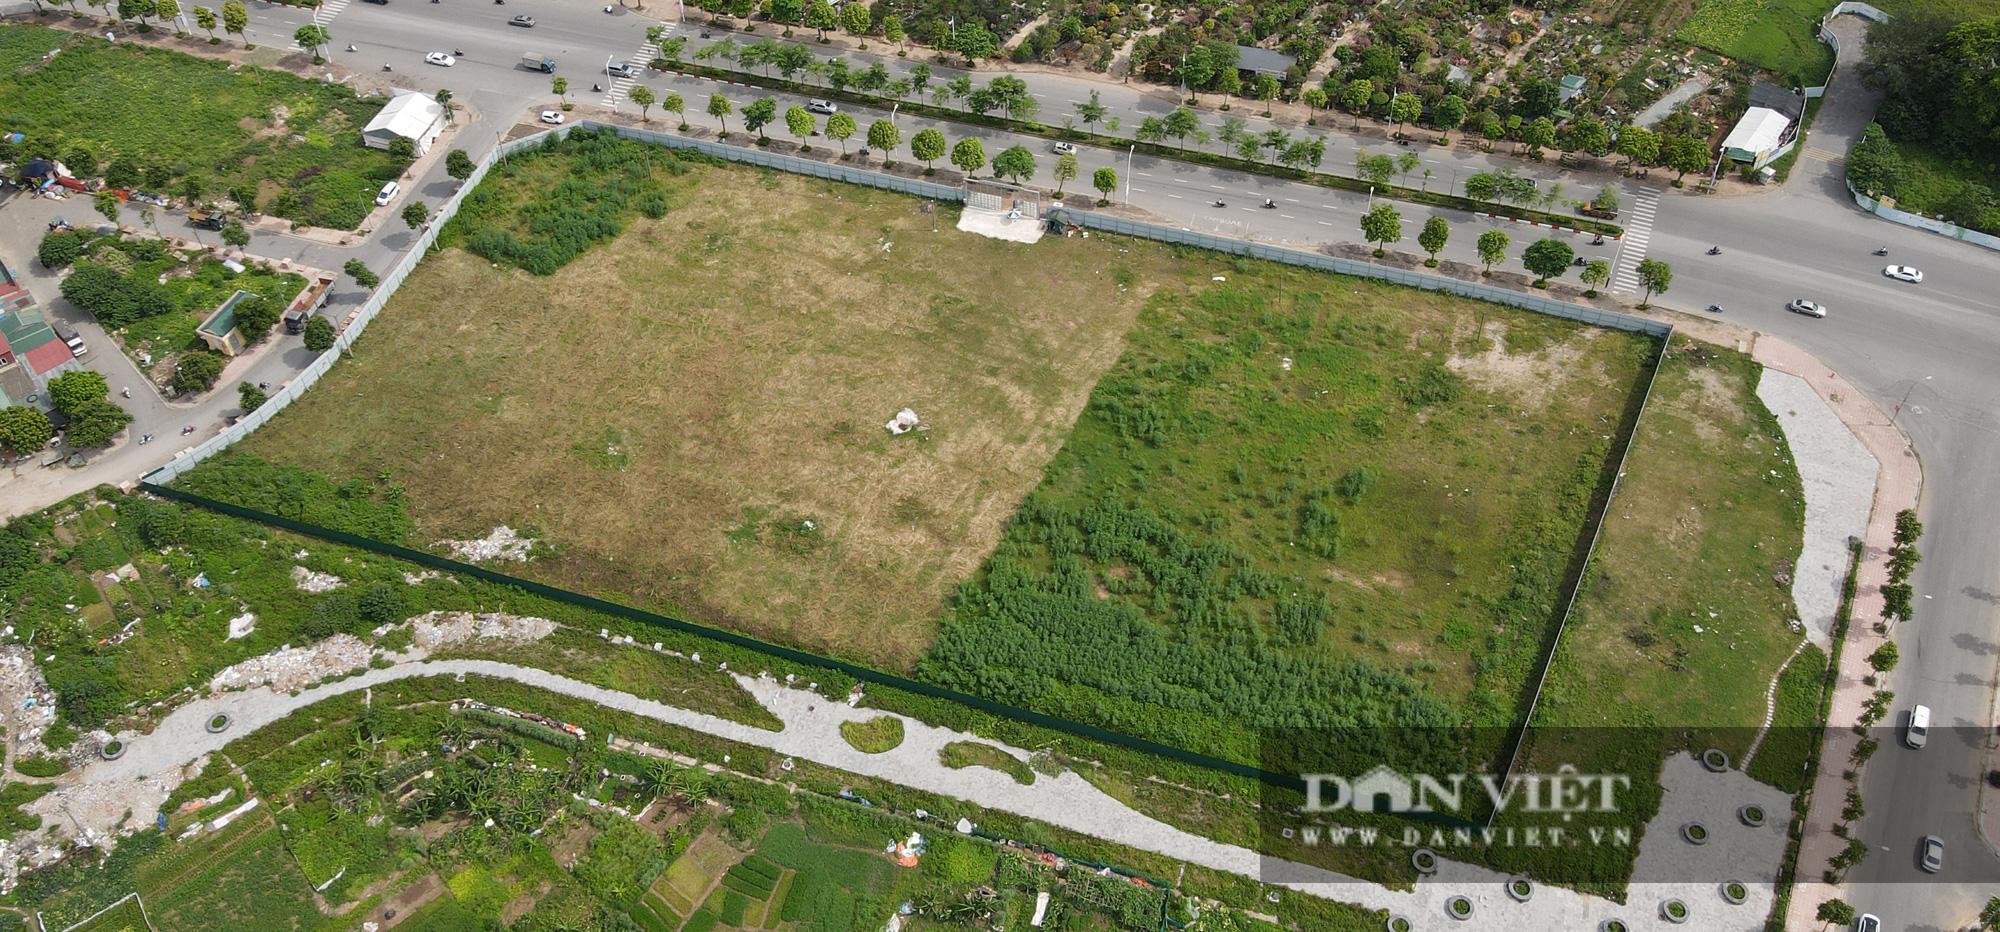 Hà Nội: Ồ ạt rao bán căn hộ chung cư khi dự án còn là bãi đất trống - Ảnh 1.